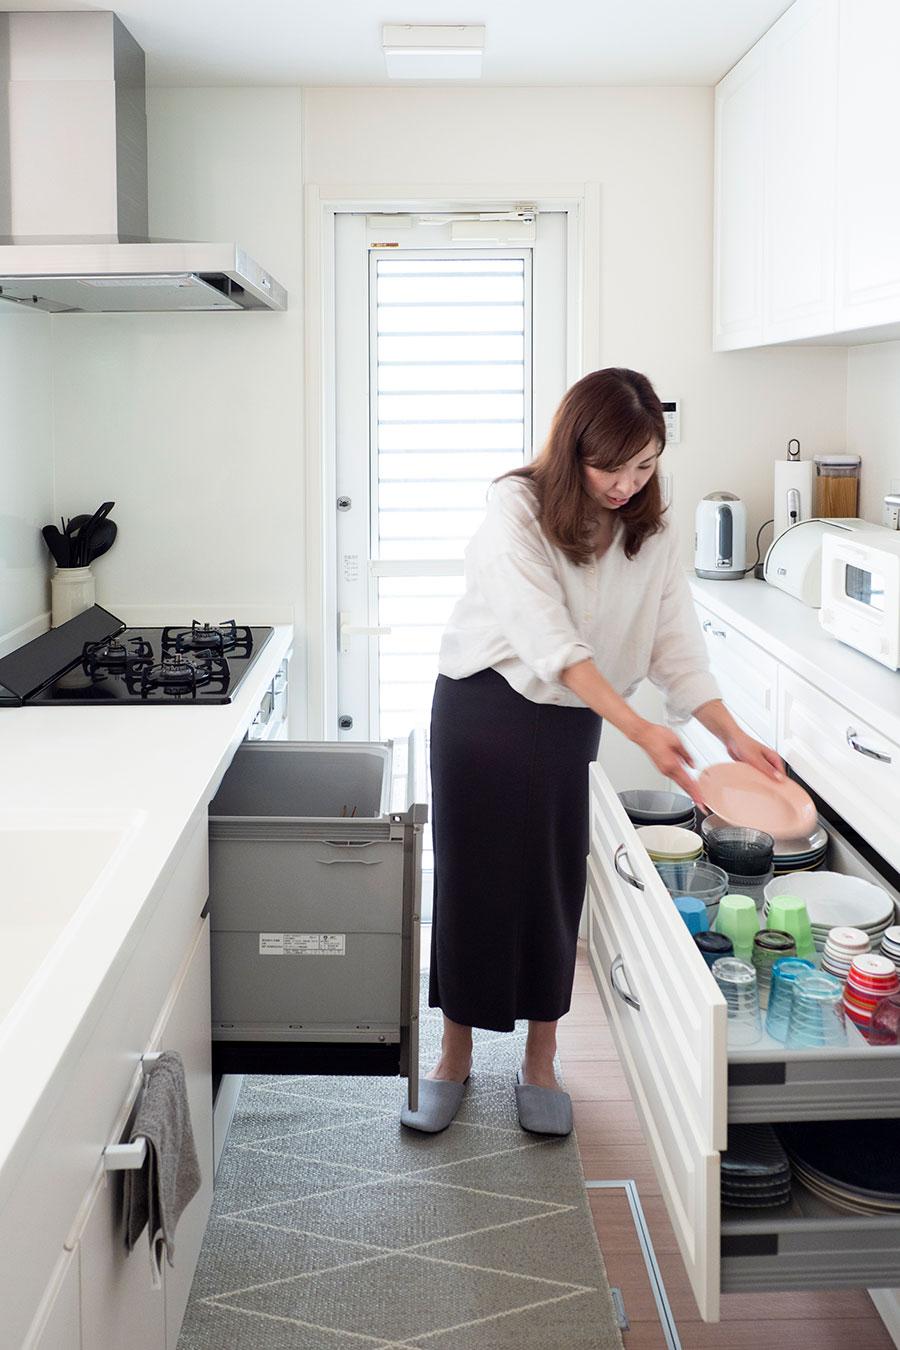 食洗機からダイレクトに食器棚へ。立ったまま1歩も動かず片づけられる、この動線が大事。